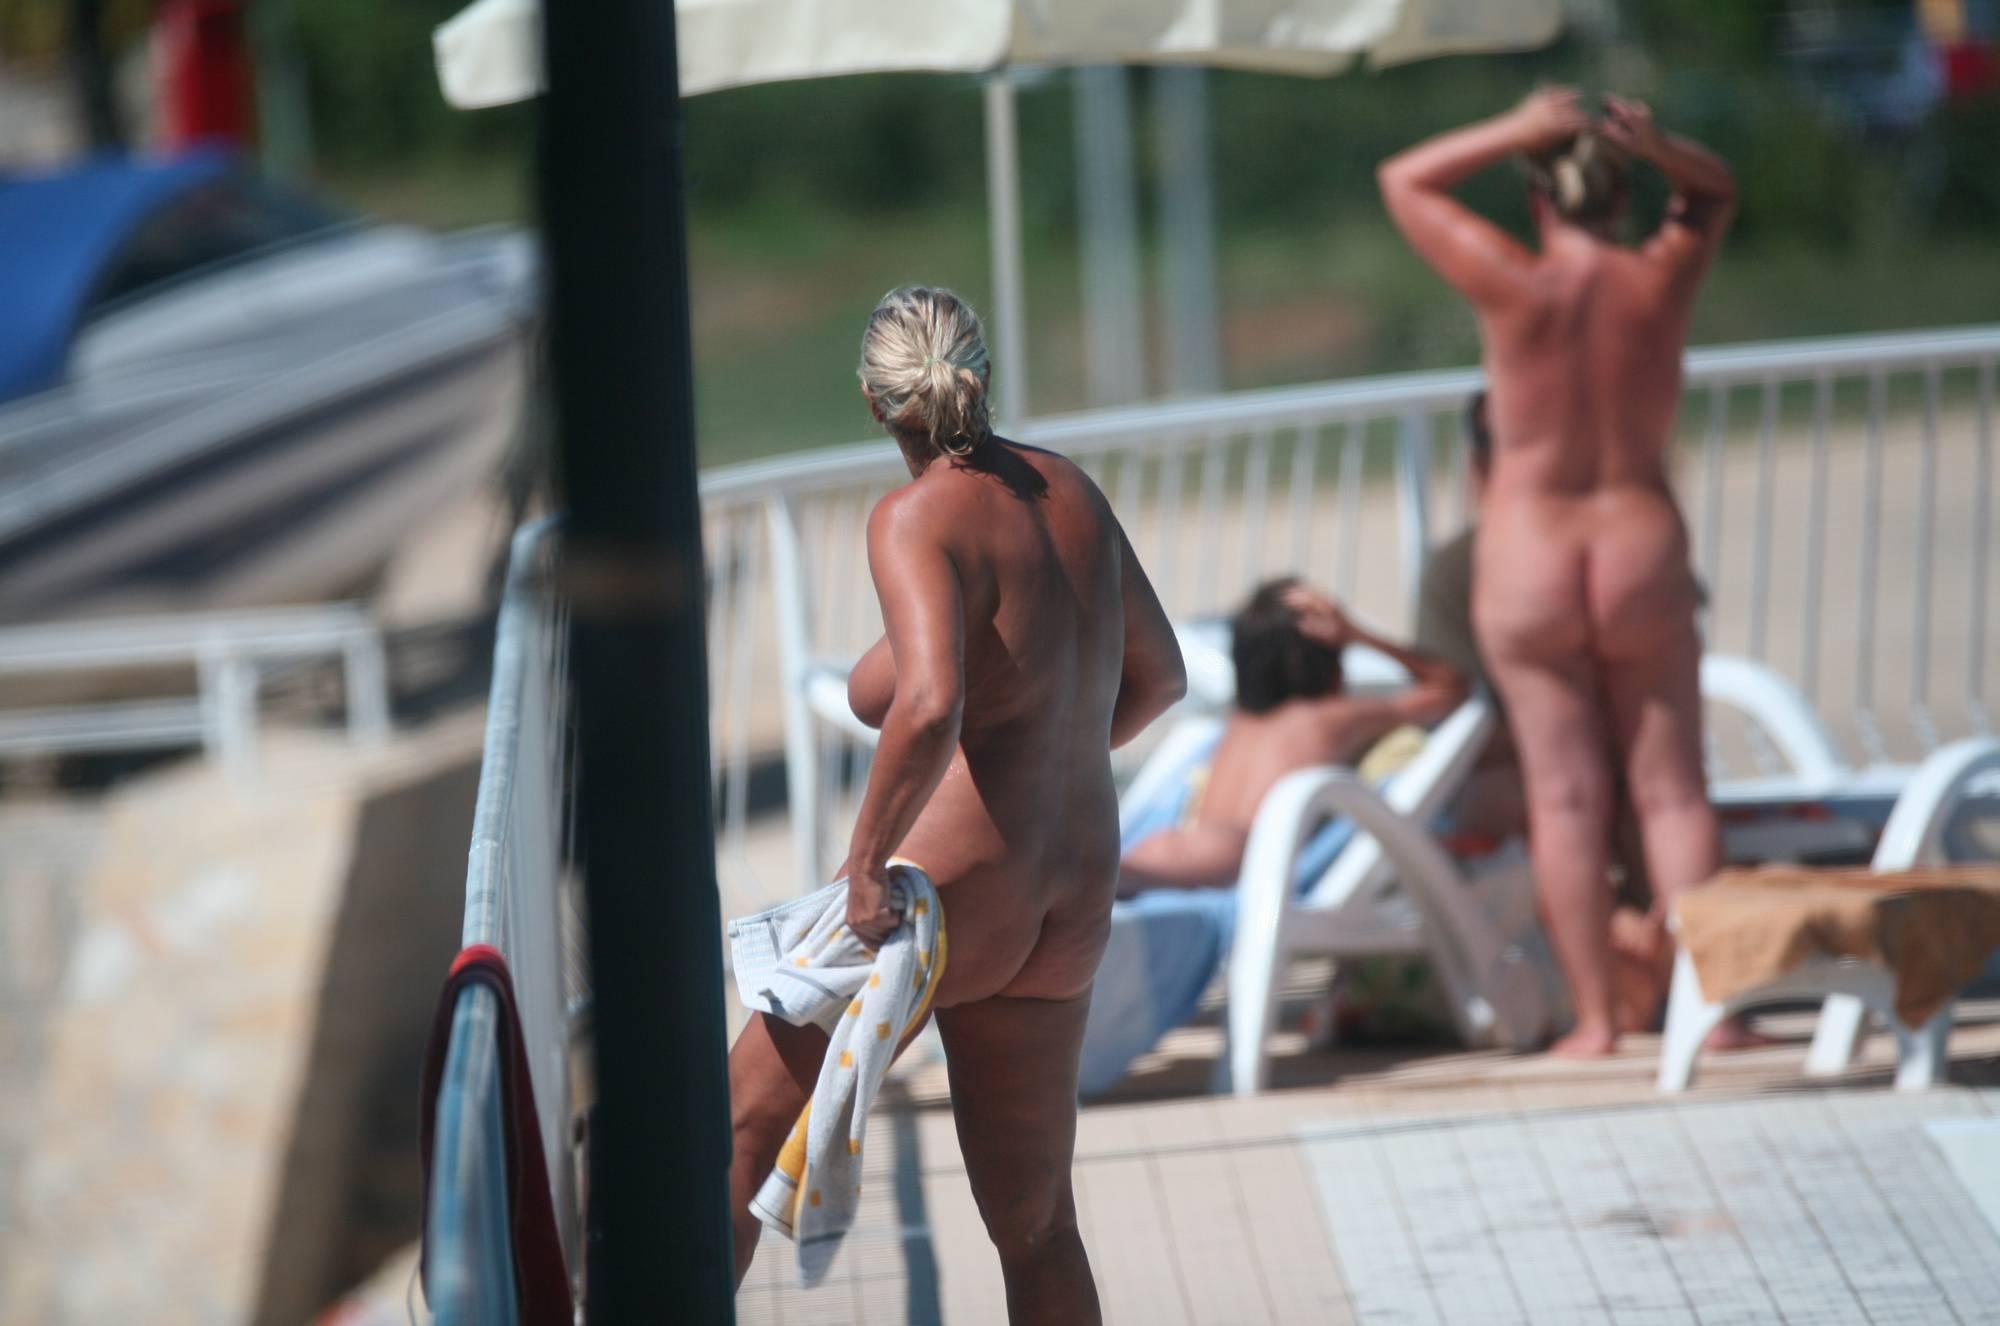 Nudist Pictures Nudist Pool Walk Around - 1